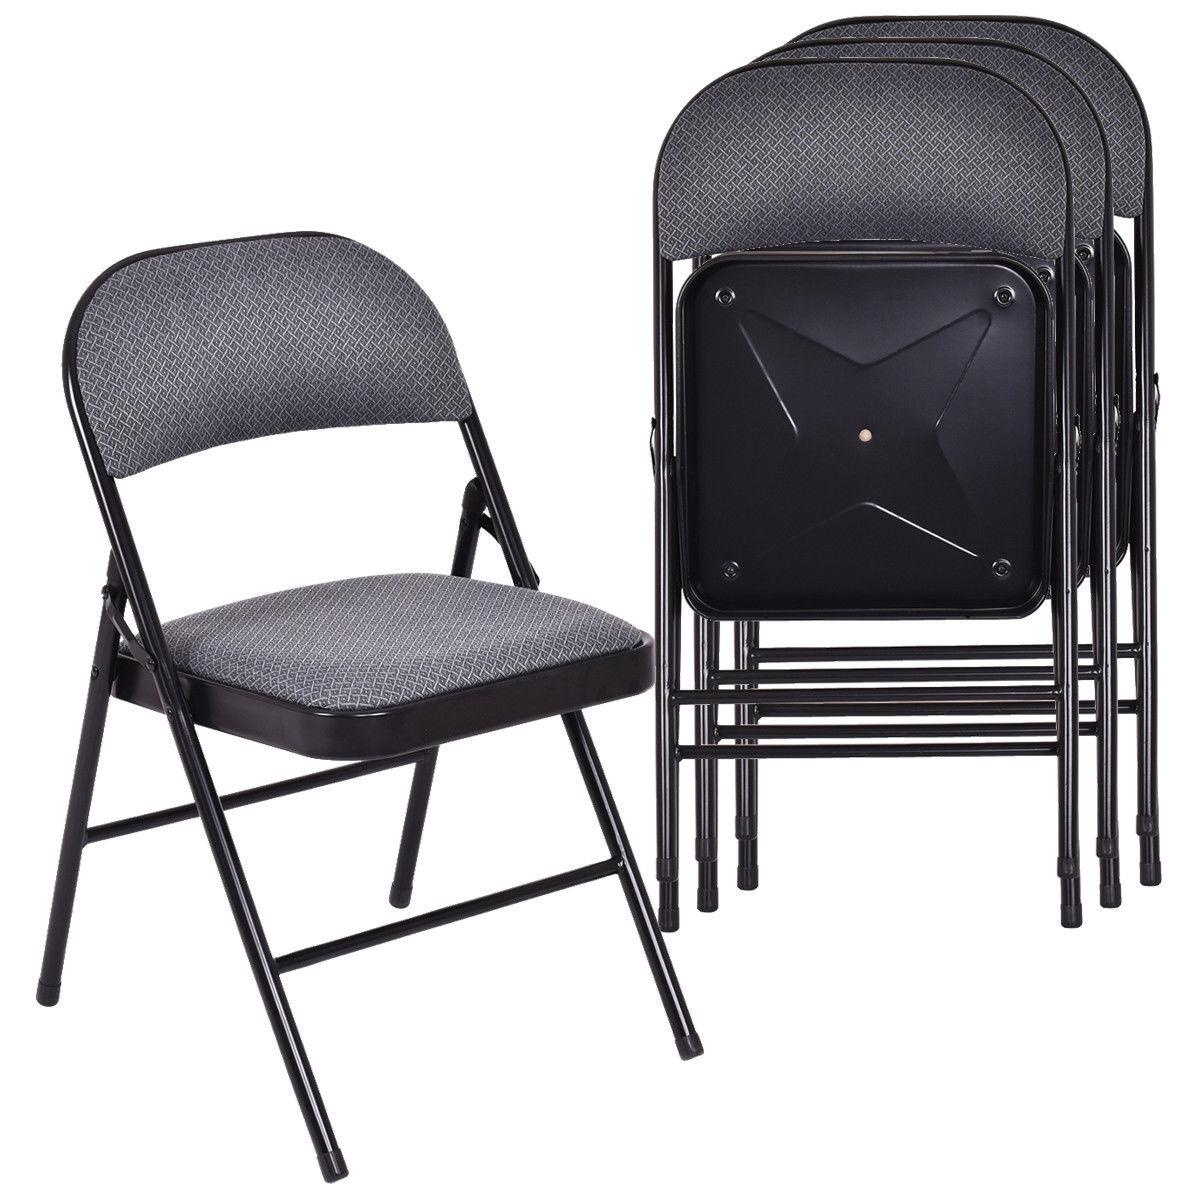 Costway lot de 4 chaises pliantes tissu rembourré siège rembourré cadre en métal bureau à domicile